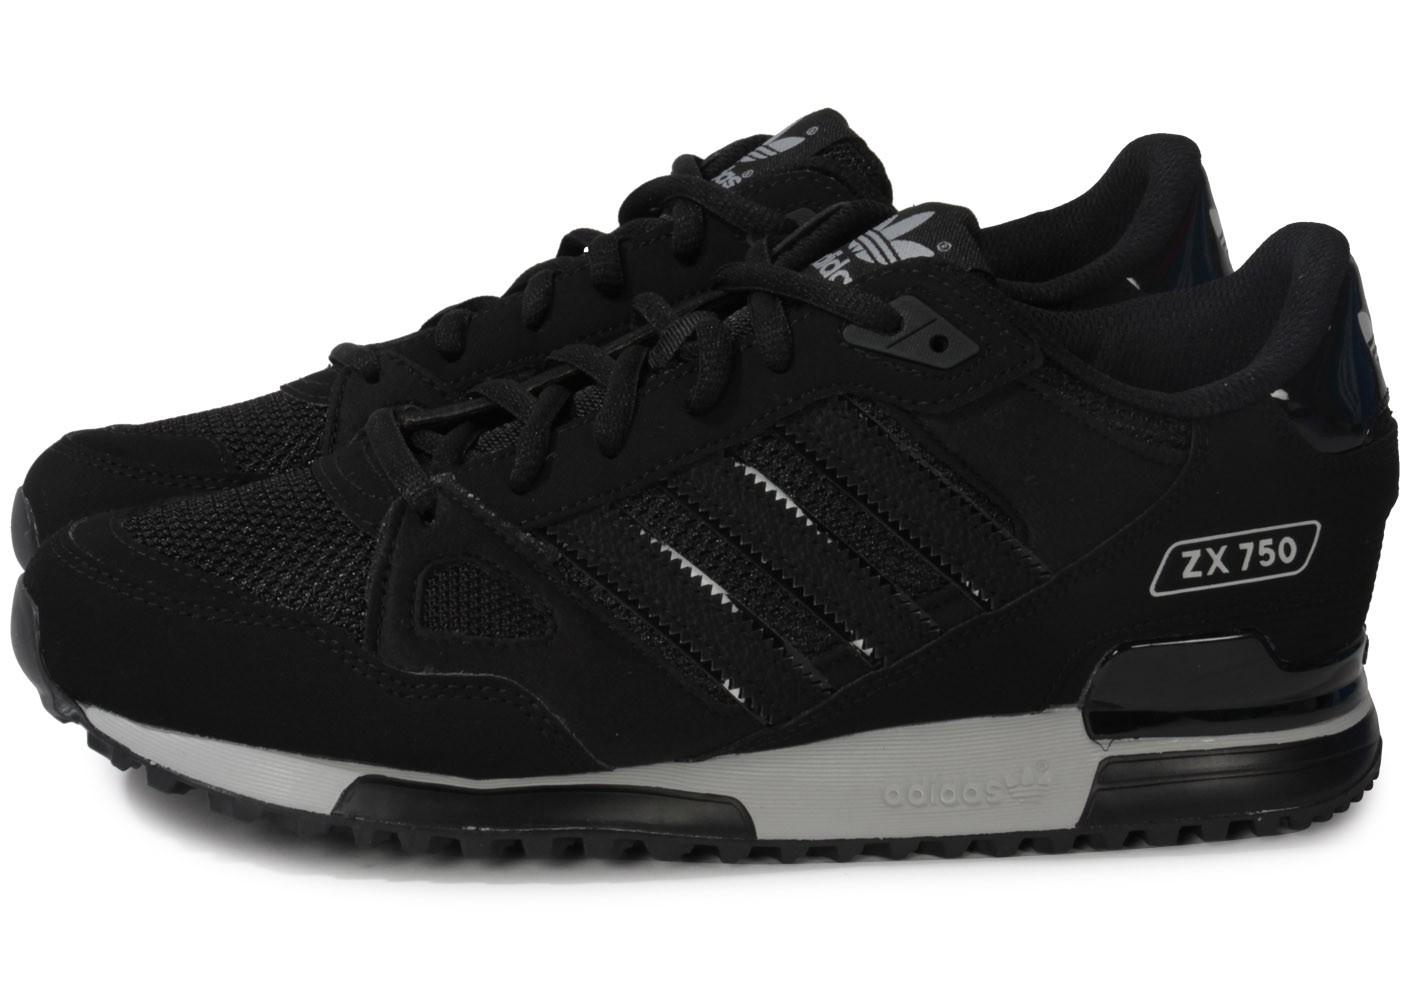 1a2ddbca532e adidas zx 750 femme noir